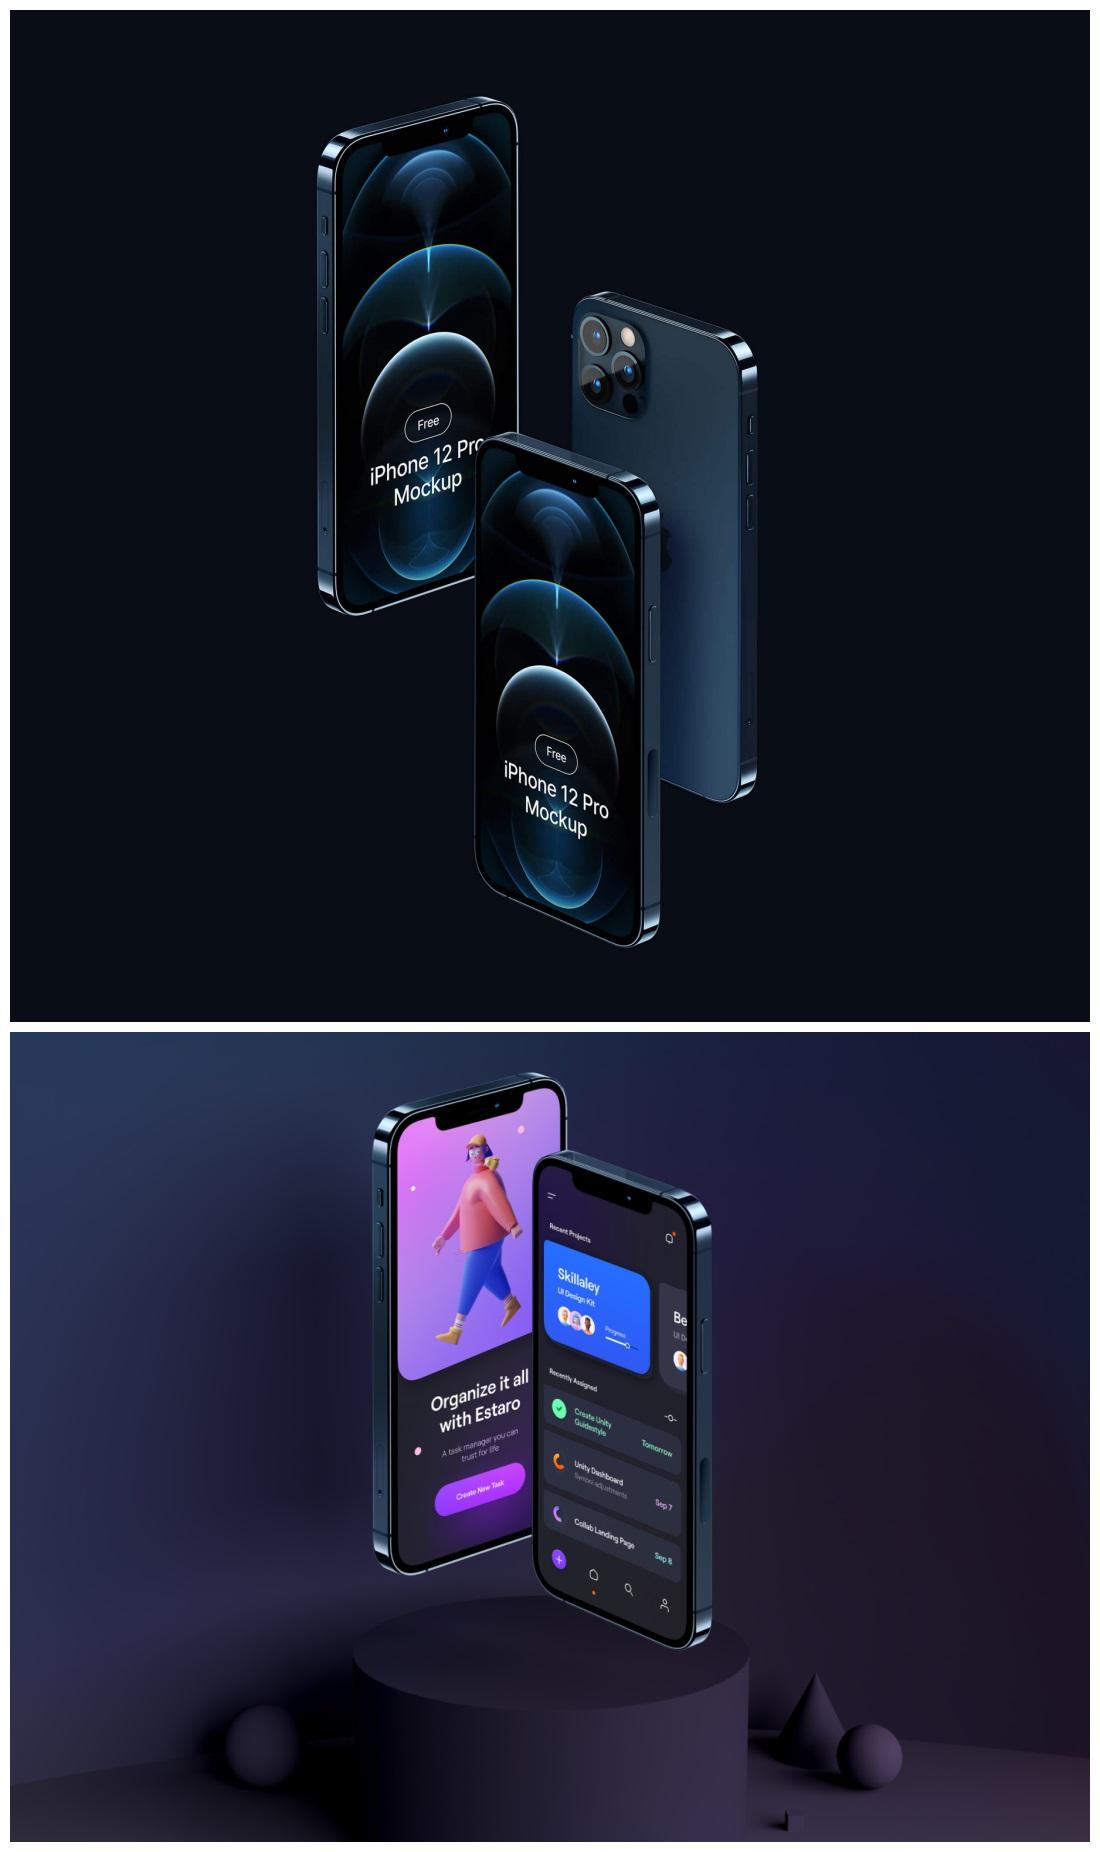 全部打包!精挑细选的 9 组 iPhone 样机,真的是炸裂高级